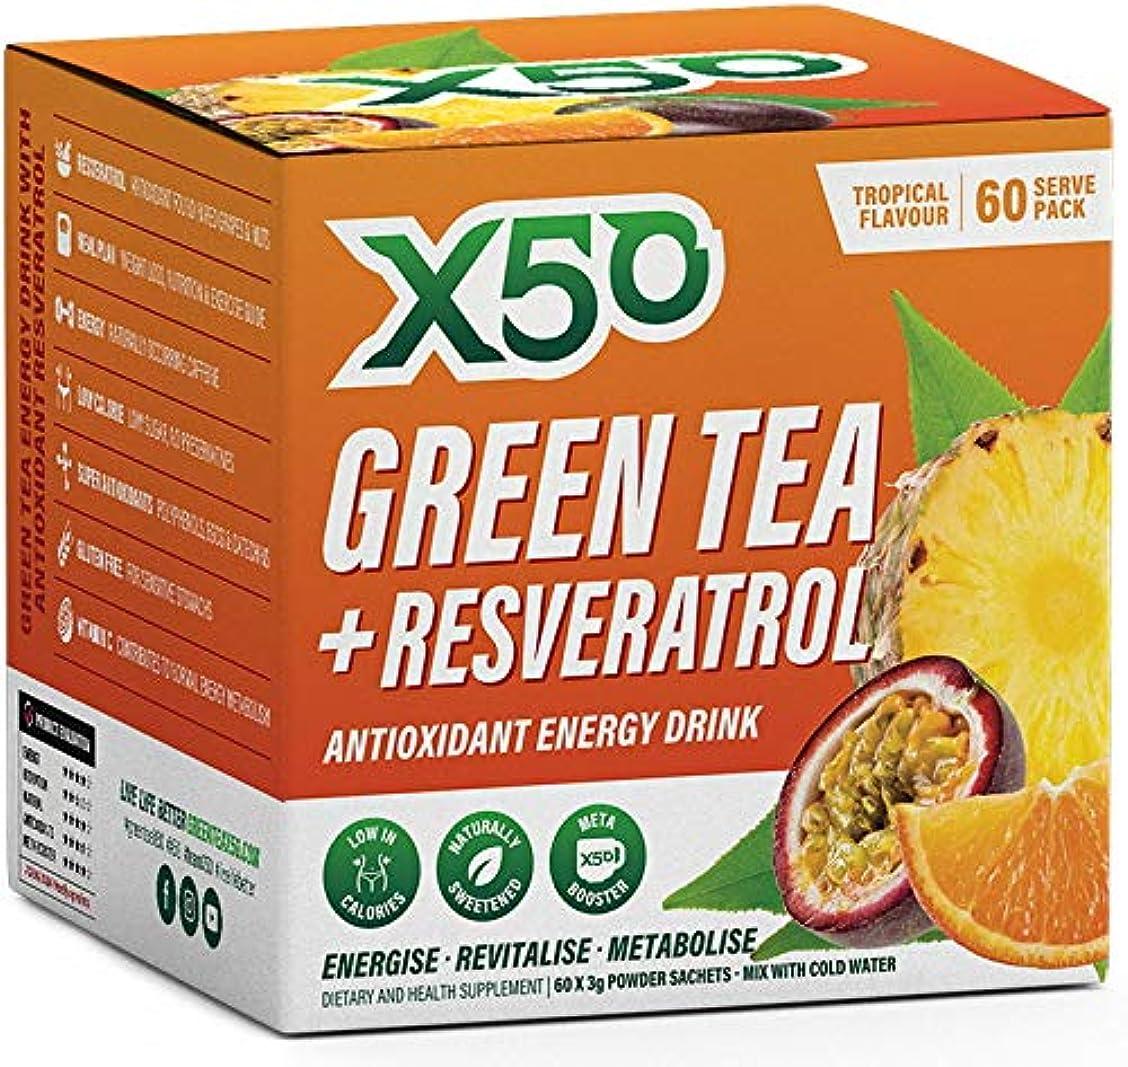 怒り過度に水星Green Tea X50 [海外直送品] オーストラリア保健省?行政局認可製品 (Tropical(トロピカル味) x60袋)